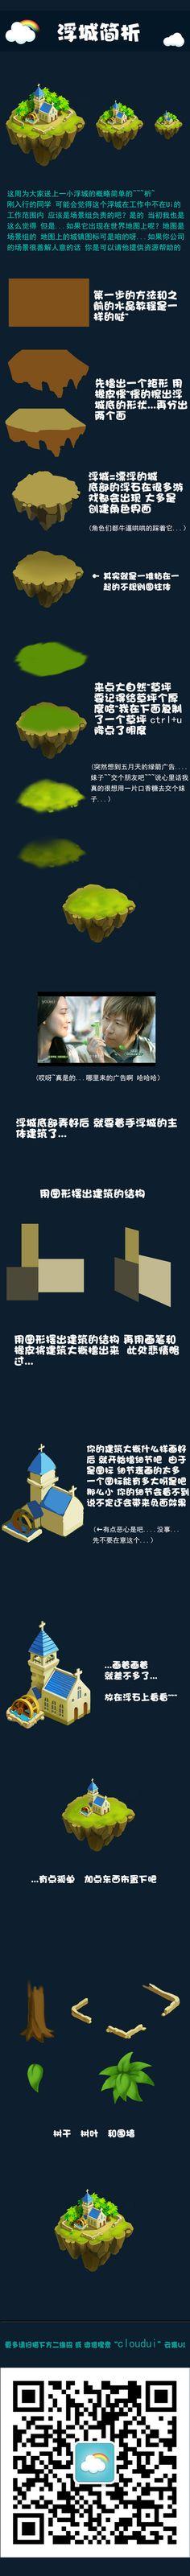 游戏ui教程图标浮城 交流QQ群 108...